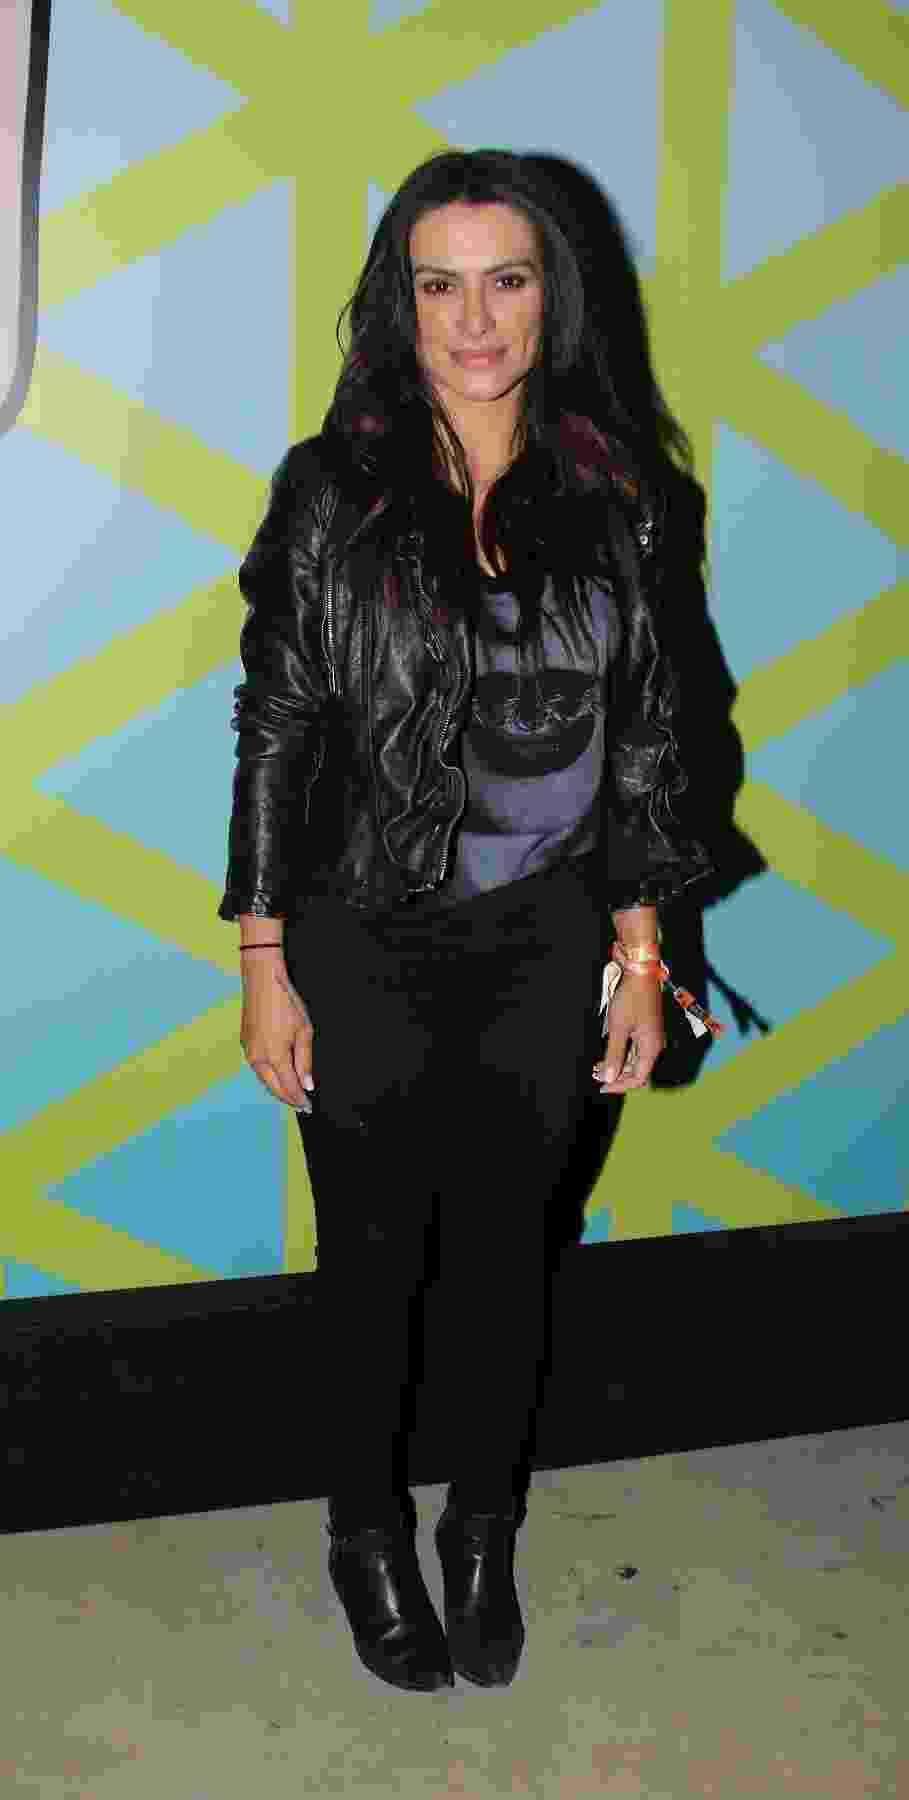 """Cleo Pires apostou em visual """"dark"""" para o segundo dia de shows do Lollapalooza - Thiago Duran/AgNews"""